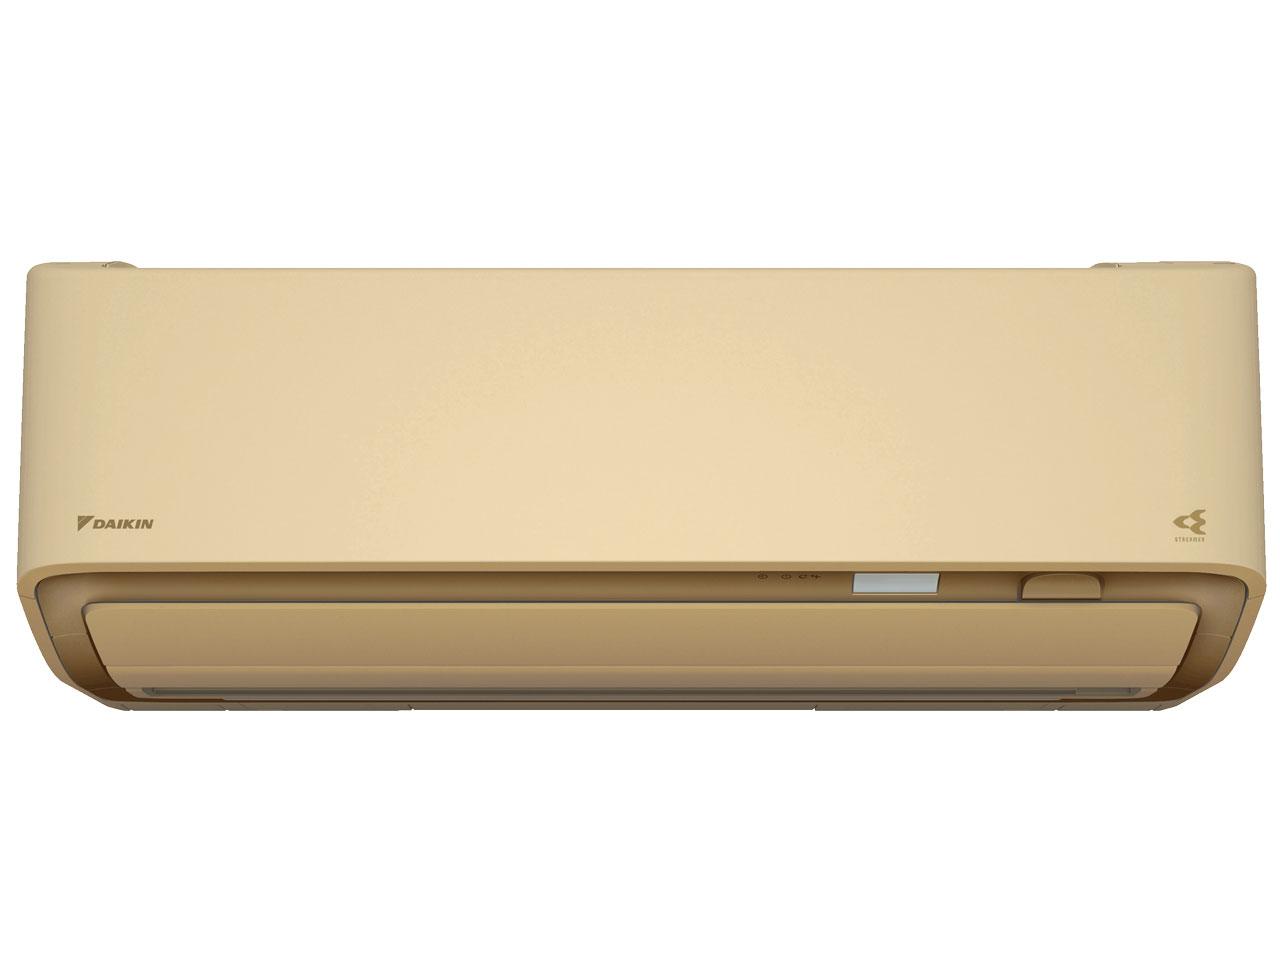 ダイキン 19年モデル うるさら7 RXシリーズ S71WTRXV-C 【200V用 電源直結型】23畳用冷暖房除湿エアコン